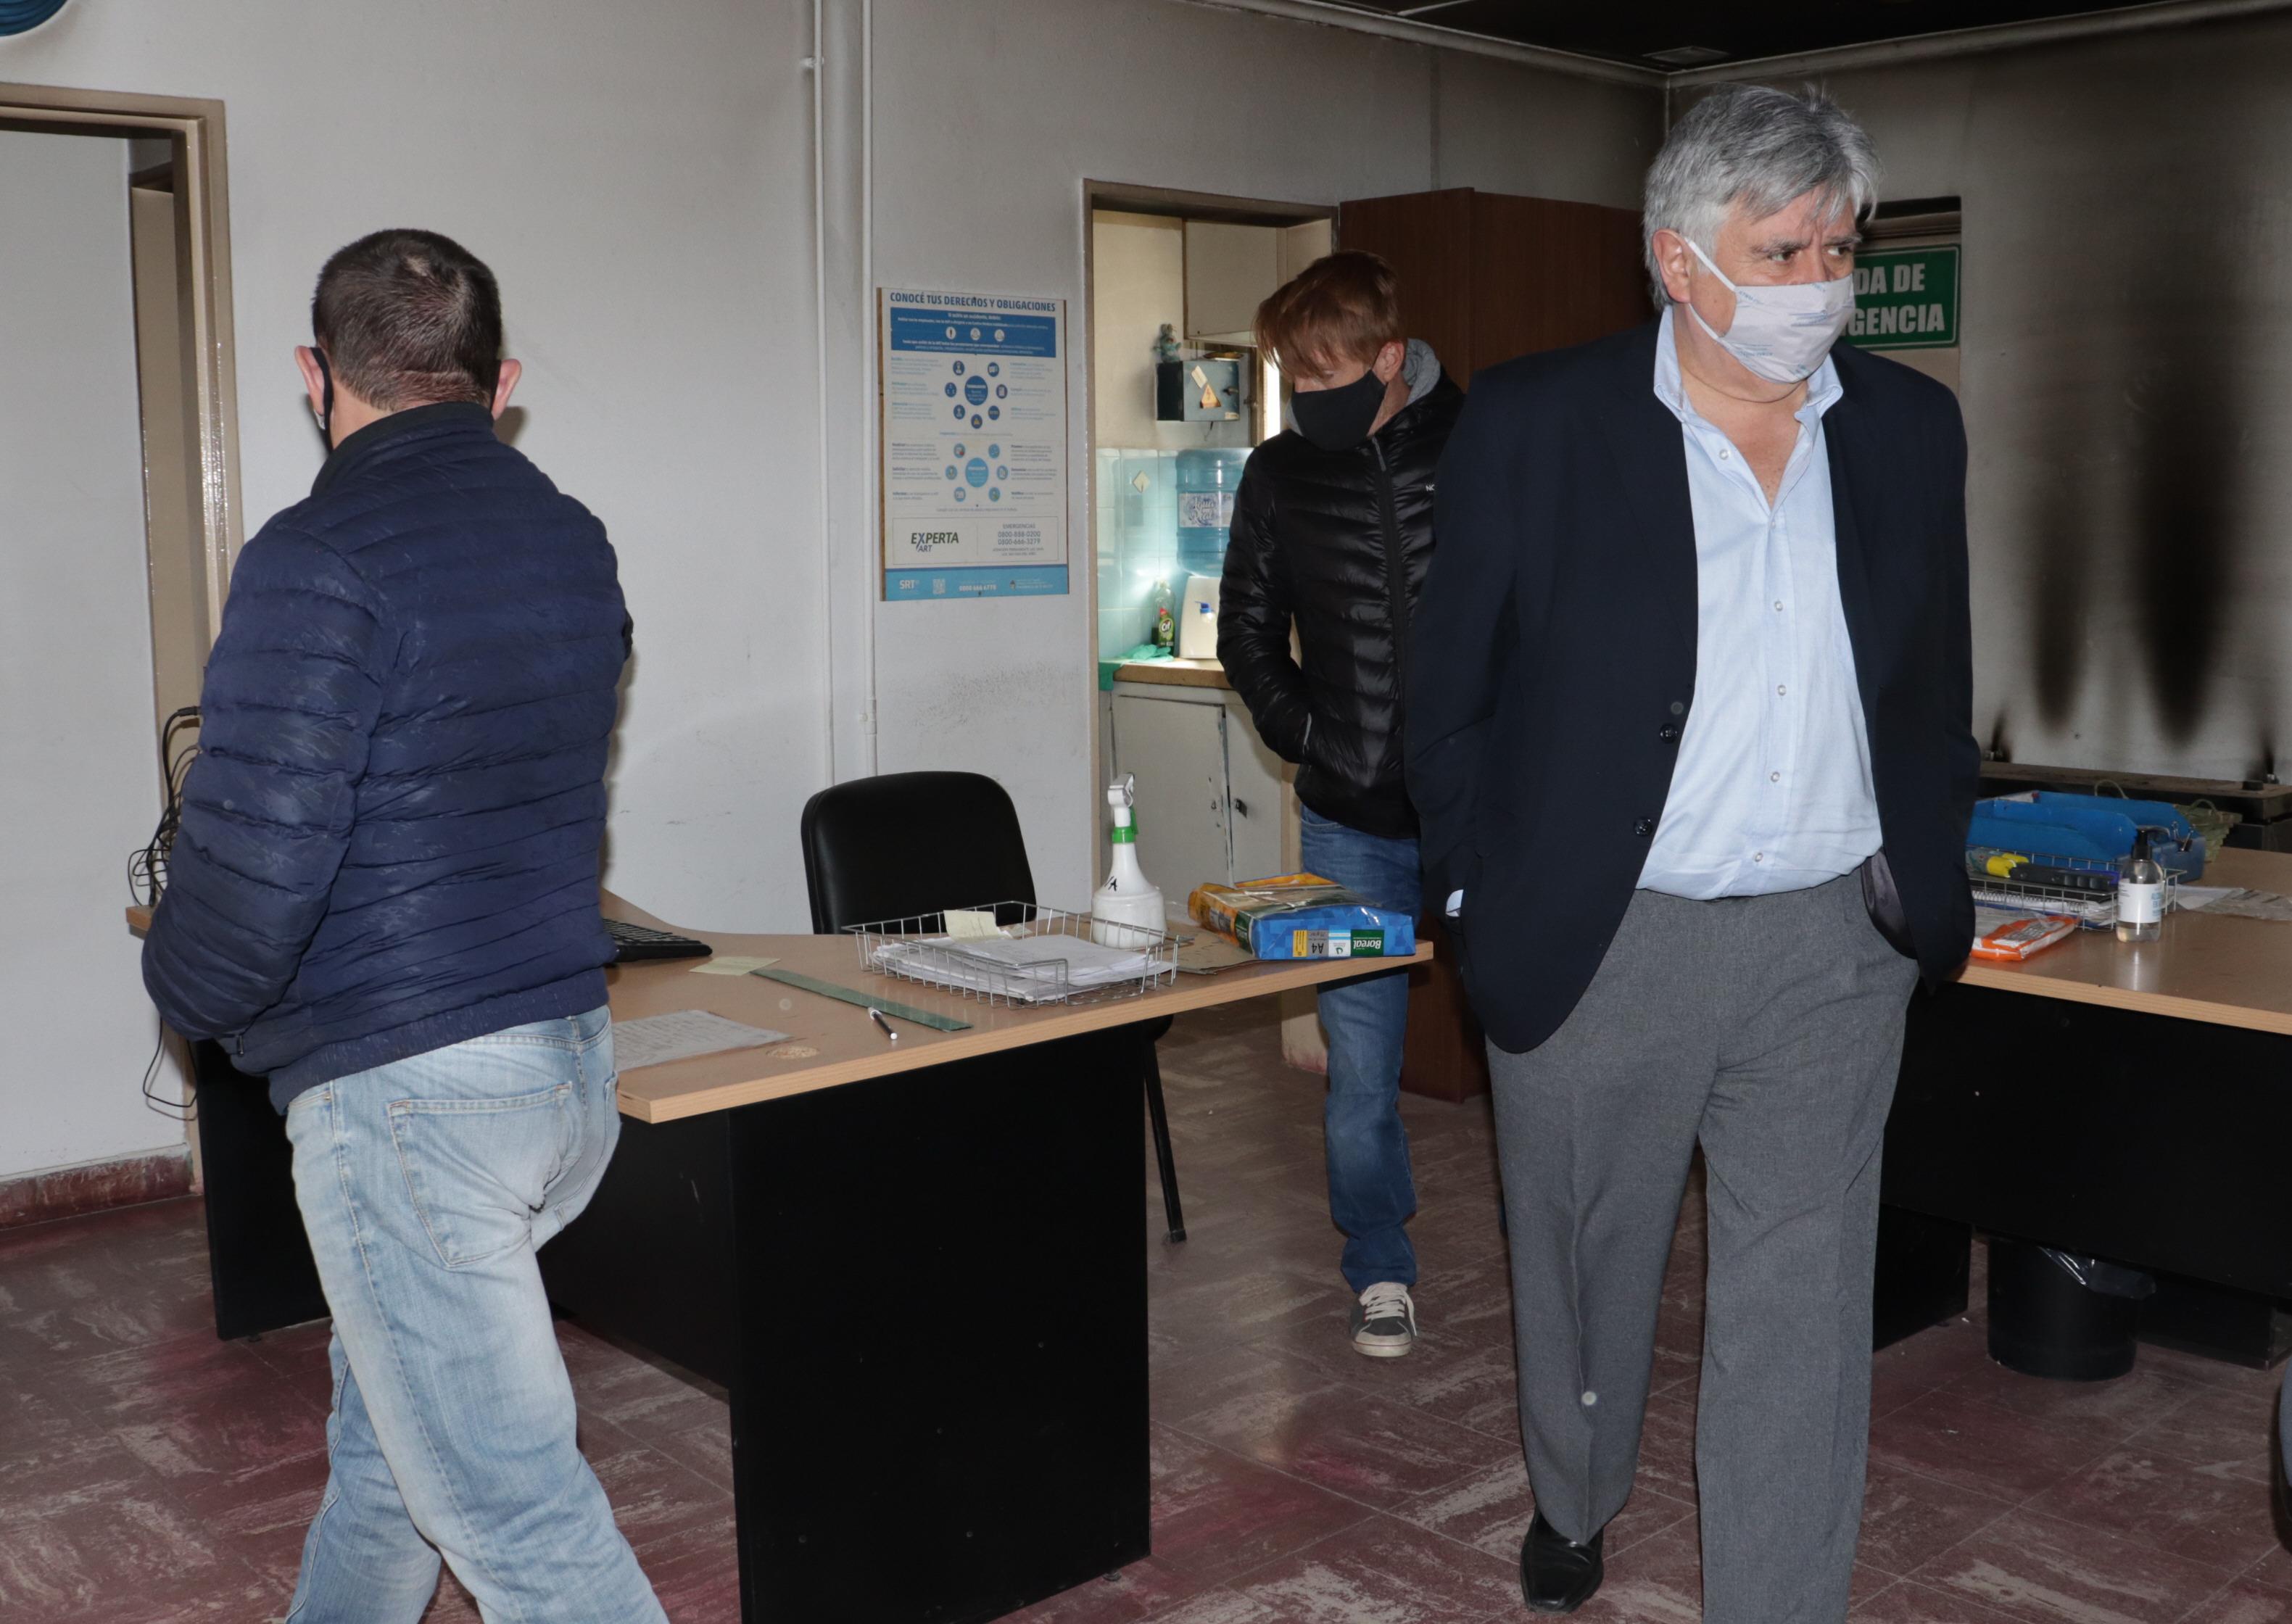 Jorge Cabezas se presentó en Maxia, junto a dos trabajadores, para revisar las unidades. (FOTO JOSÉ SILVA/ LA OPINIÓN AUSTRAL)